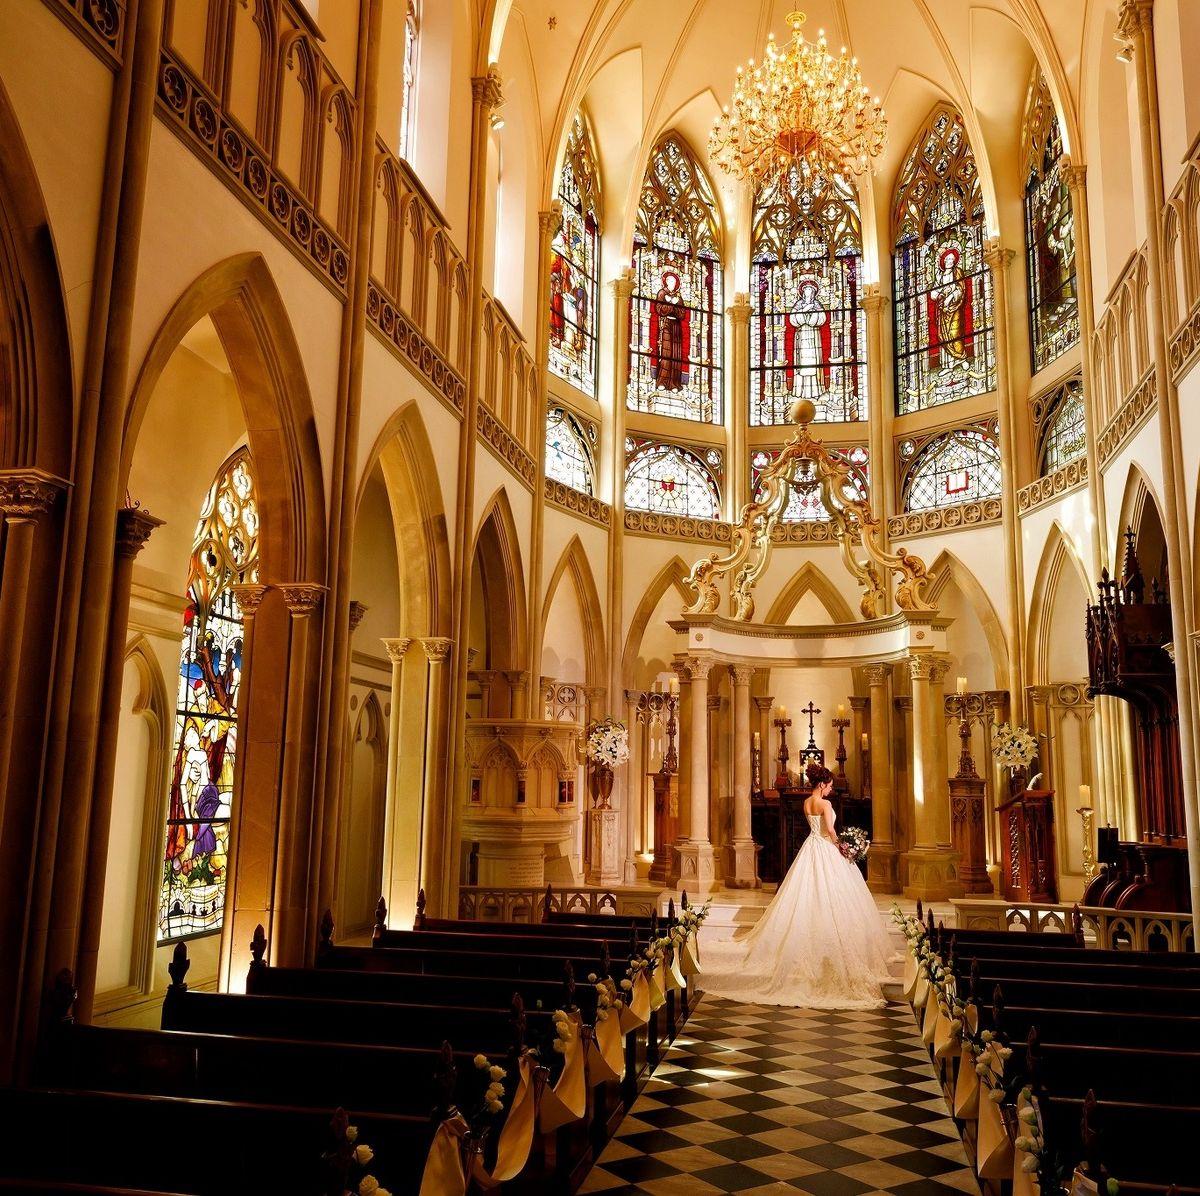 グラストニア(Wedding of Legend GLASTONIA)の公式写真1枚目